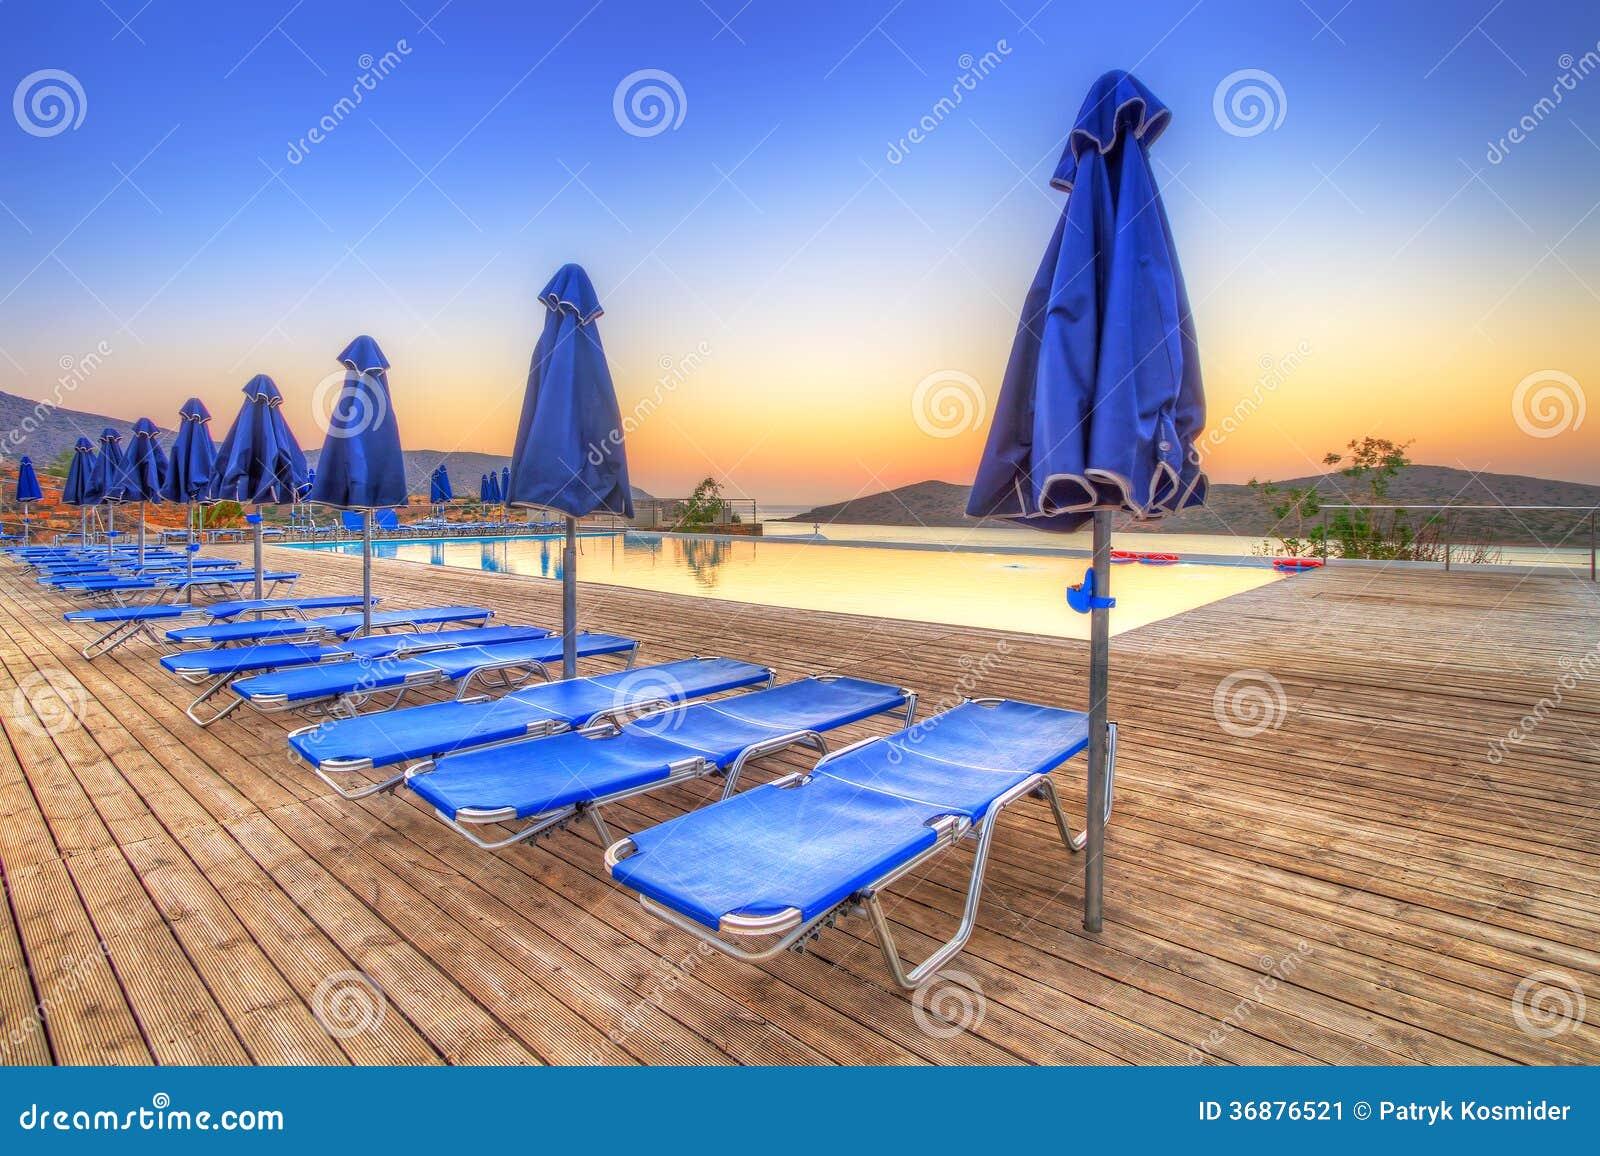 Download Alba Alla Baia Di Mirabello In Grecia Immagine Stock - Immagine di destinazione, seascape: 36876521